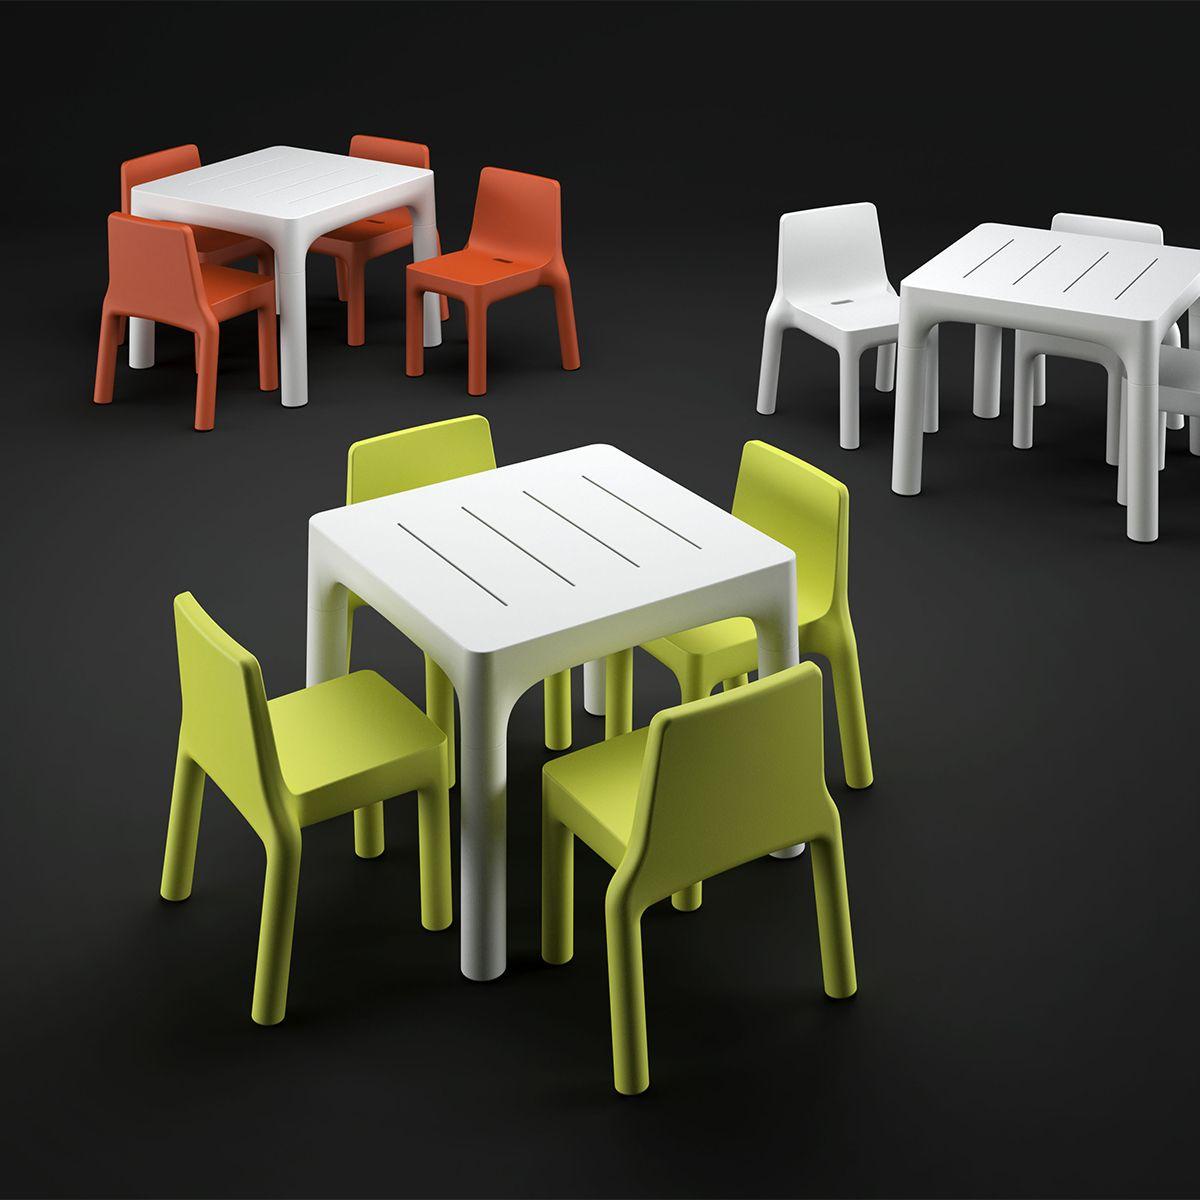 tavoli e sedie colorati per ville giardini e masserie